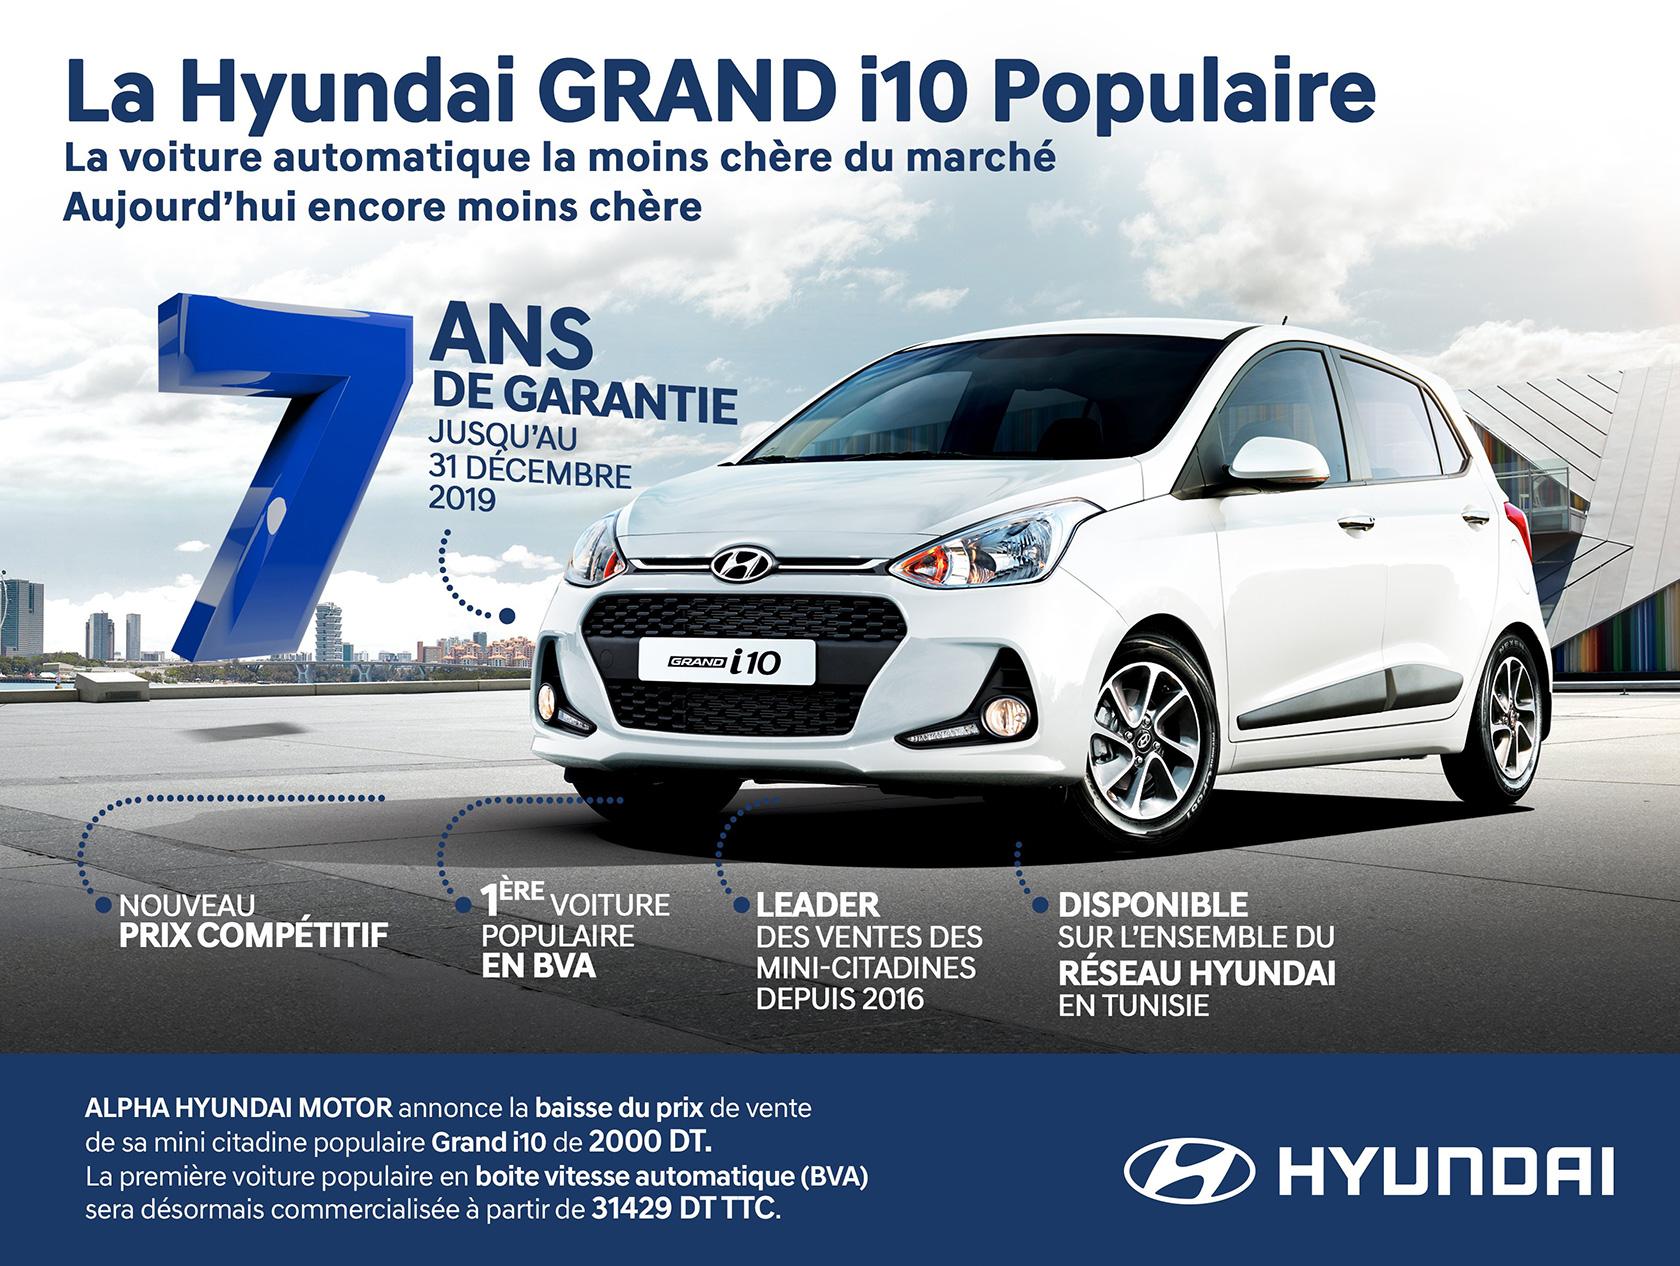 Baisse du prix de la Hyundai Grand i10 populaire